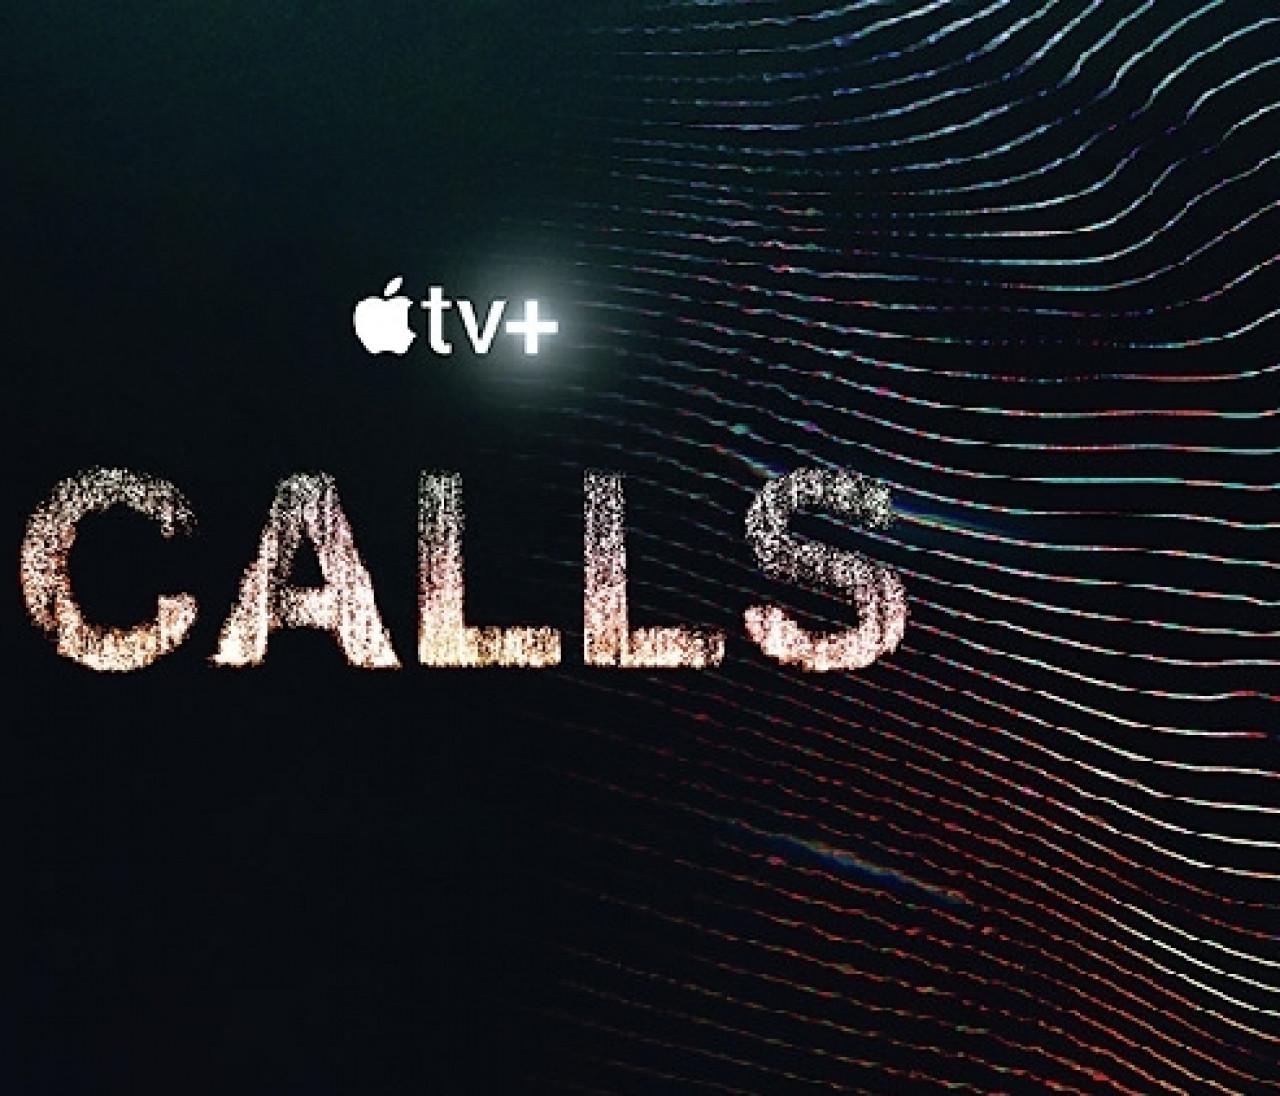 話題の音声エンタメ、 SFスリラー「CALLS コール」がクセになる【海外ドラマナビ】